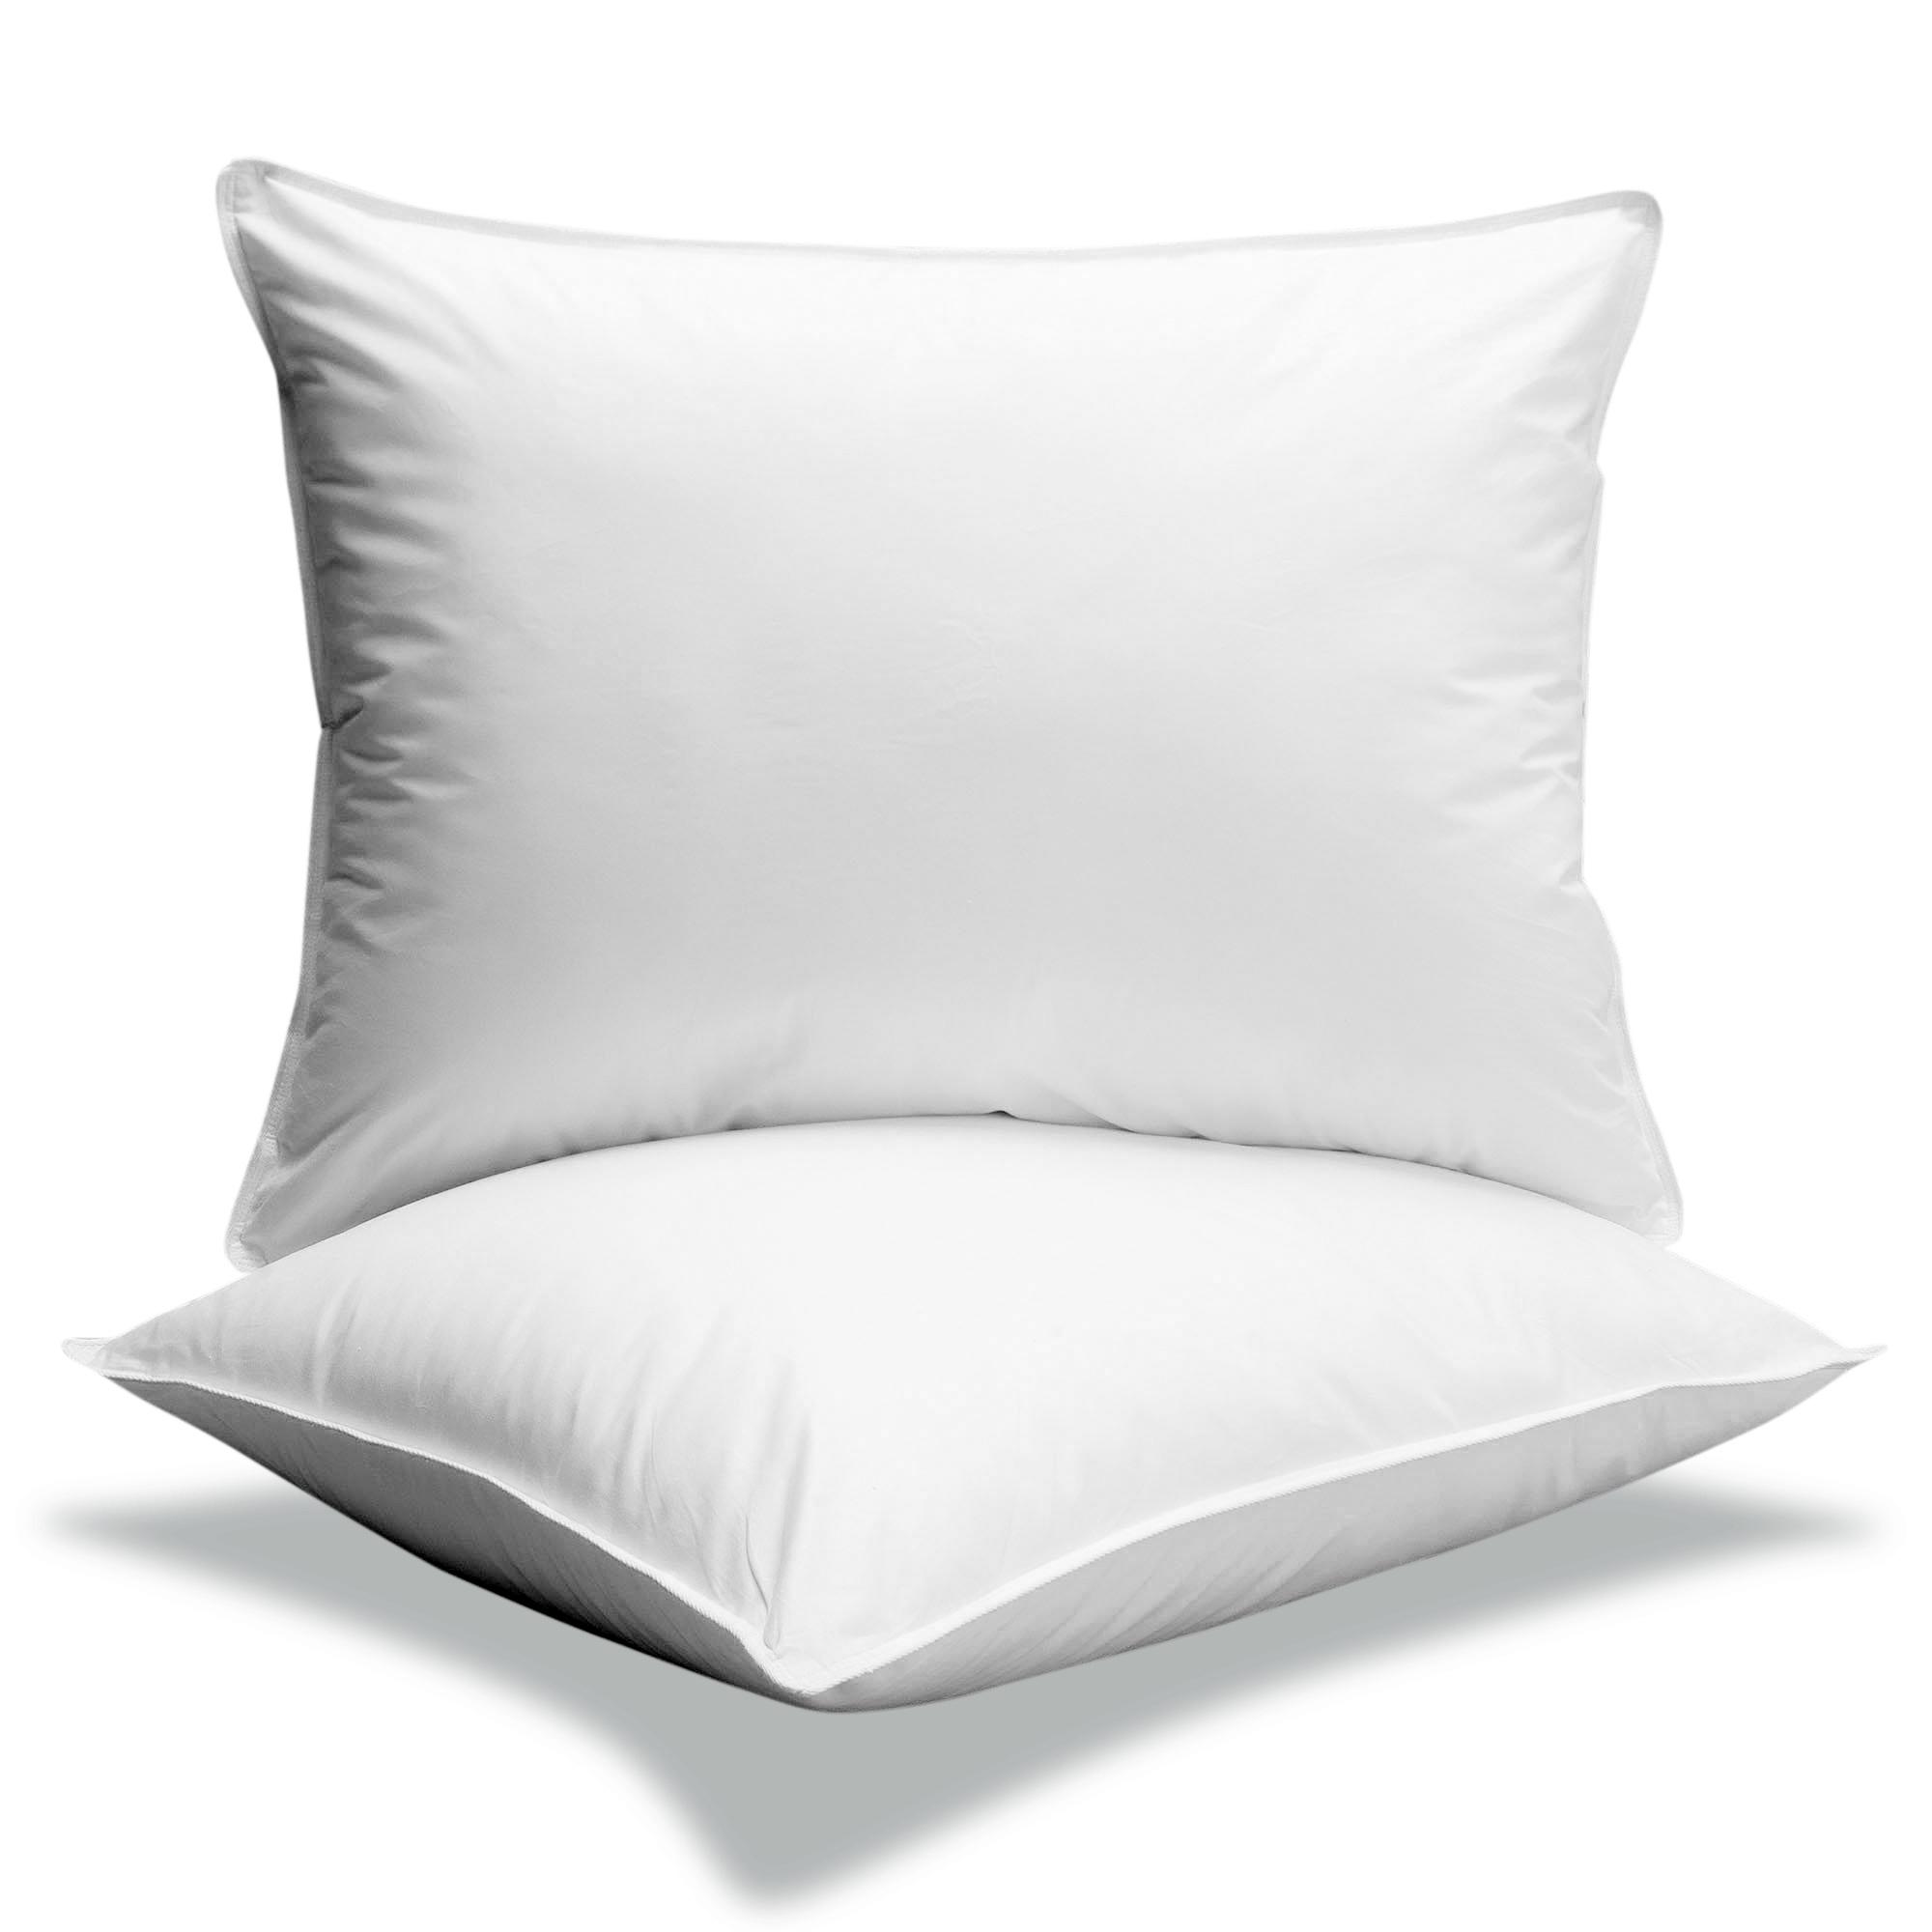 AuBergewohnlich Möbel Kissen Schlafzimmer Material Textil  Schlaf Traum Gemütlich Bettdecke  Bettdecke Bettzeit Dekokissen